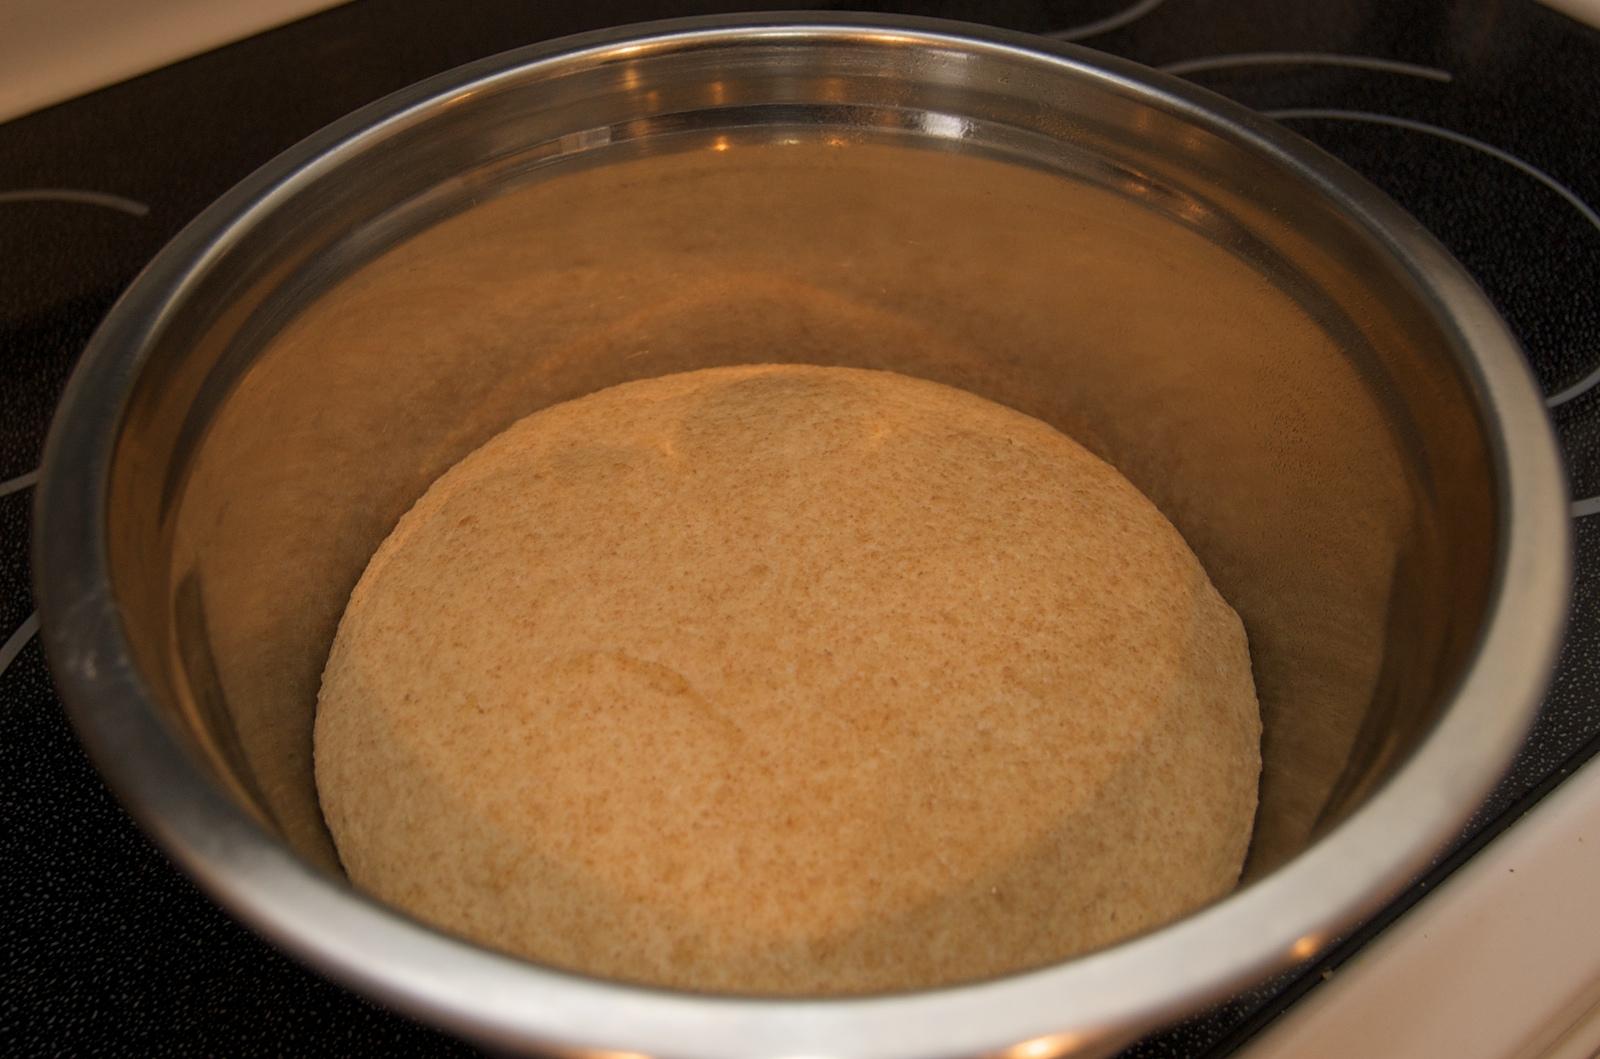 http://blog.rickk.com/food/2009/12/27/rolls1.jpg